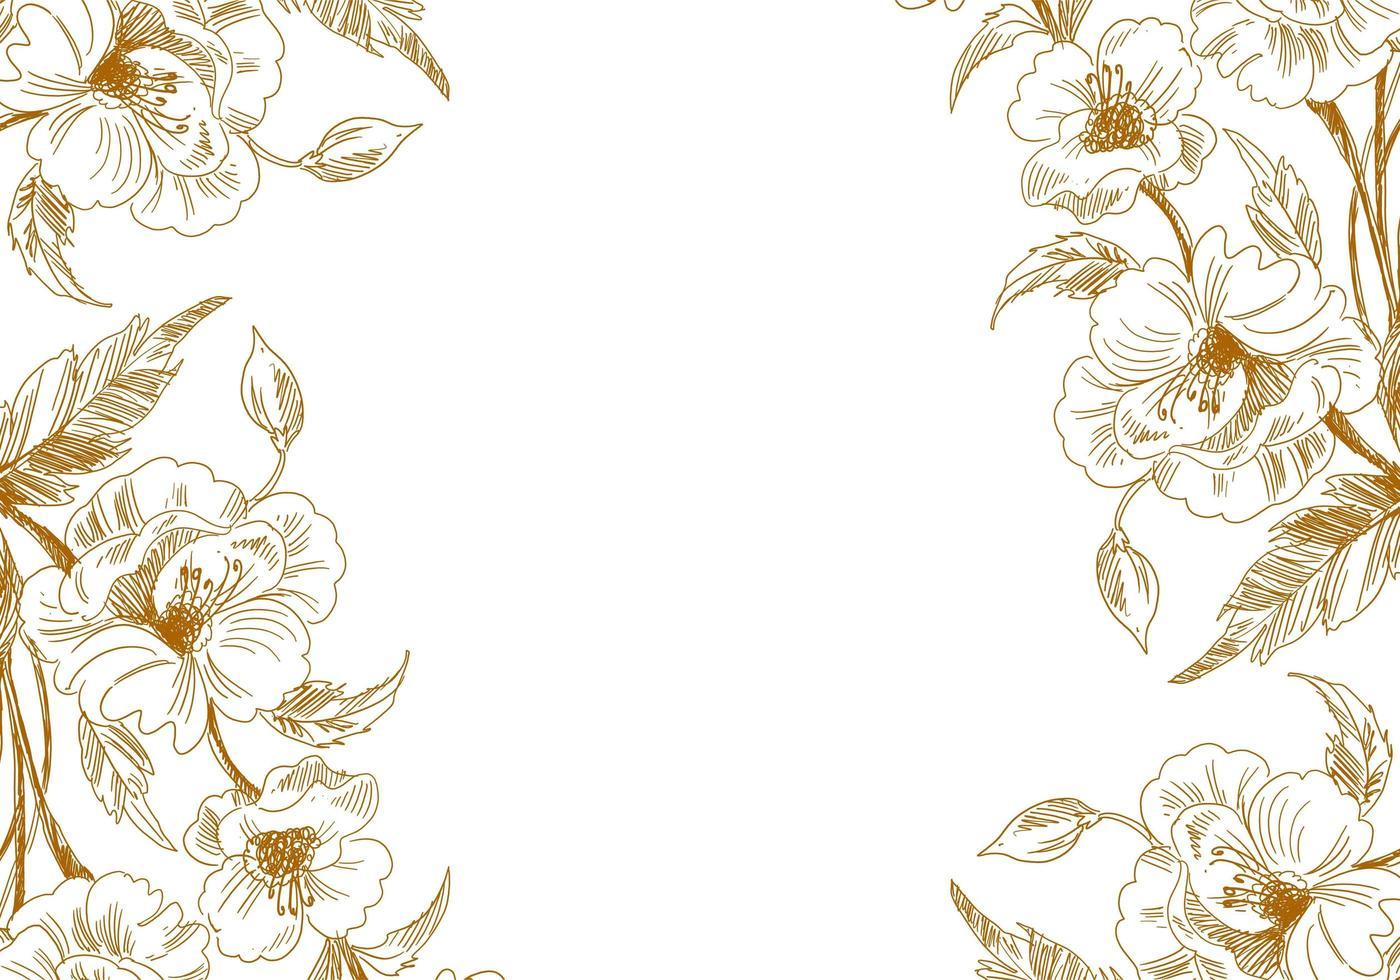 künstlerische Vintage Skizze Blumenränder vektor